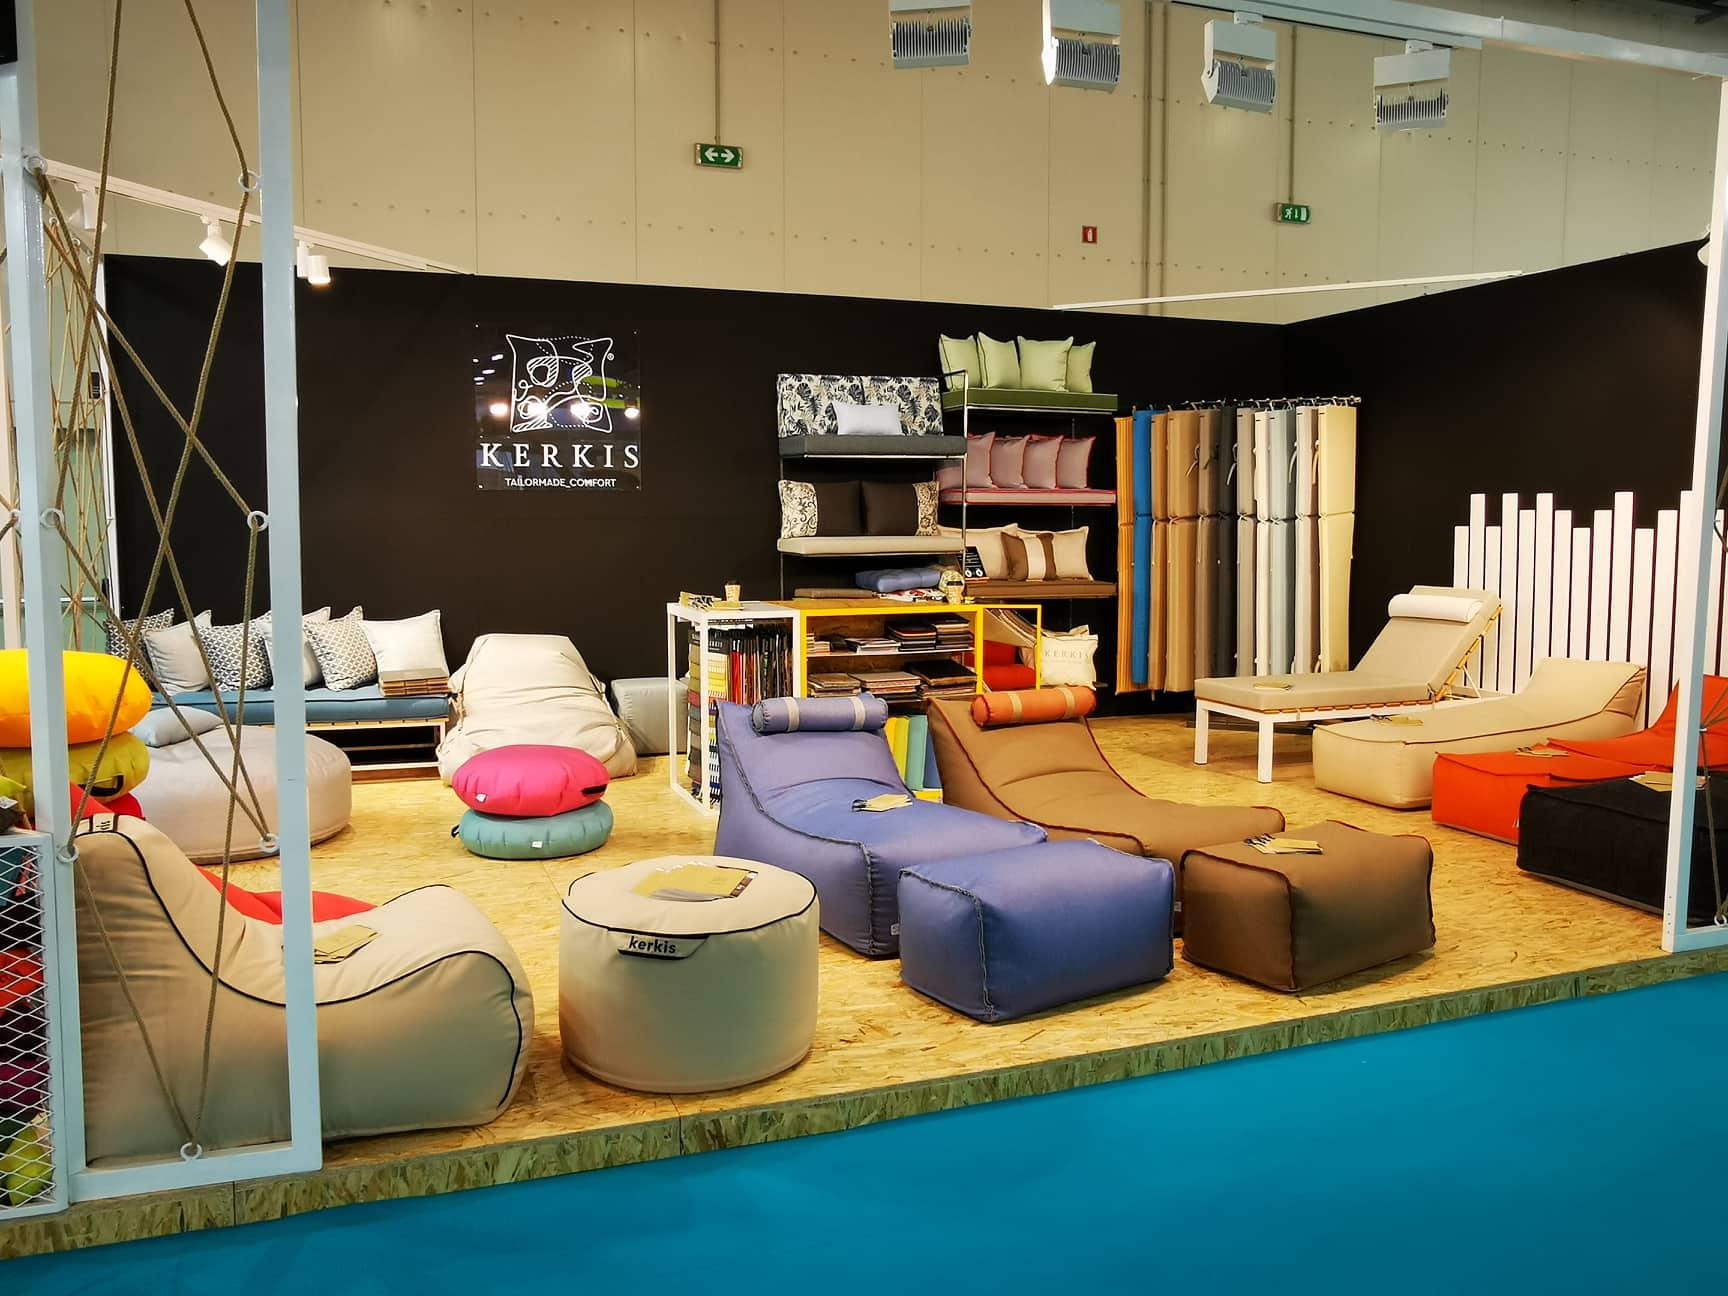 Pouf Kerkis Tailormade Comfort Horeca Expo